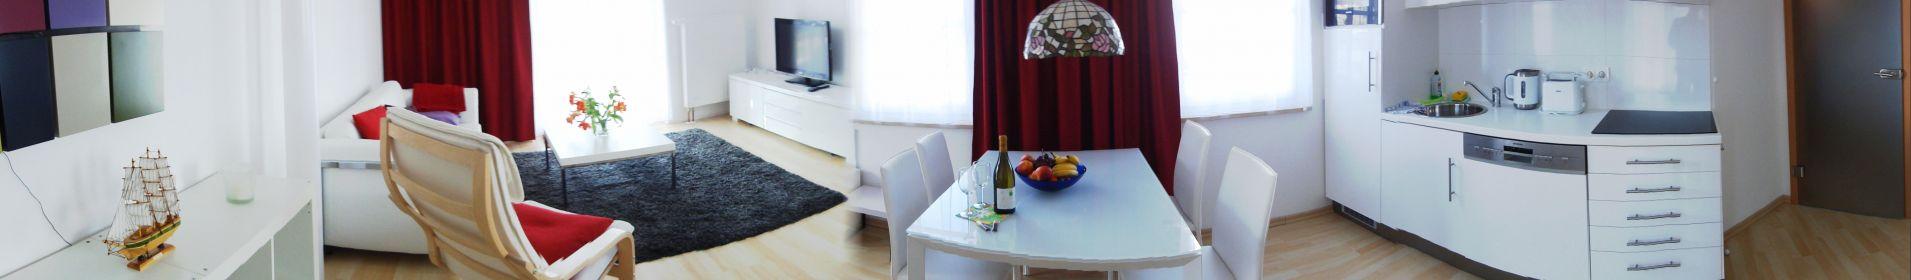 ferienwohnung-villa-quisisana-panorama